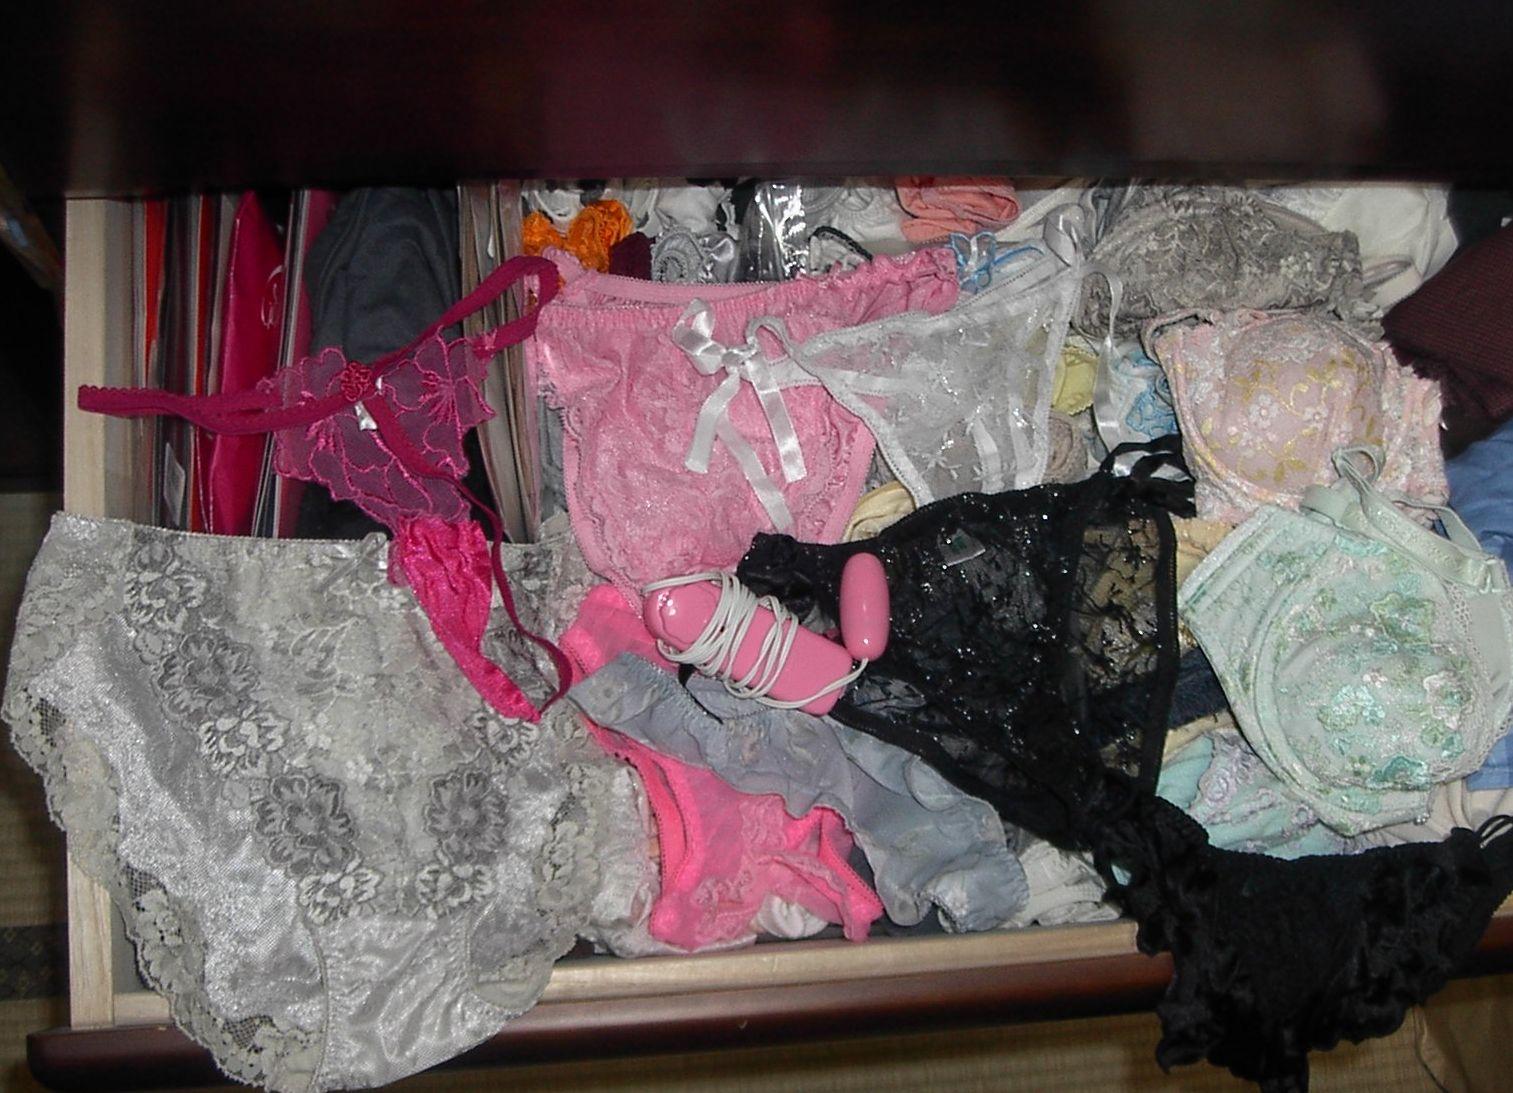 姉のタンスの中の下着の下に極太バイブ盗撮エロ画像12枚目